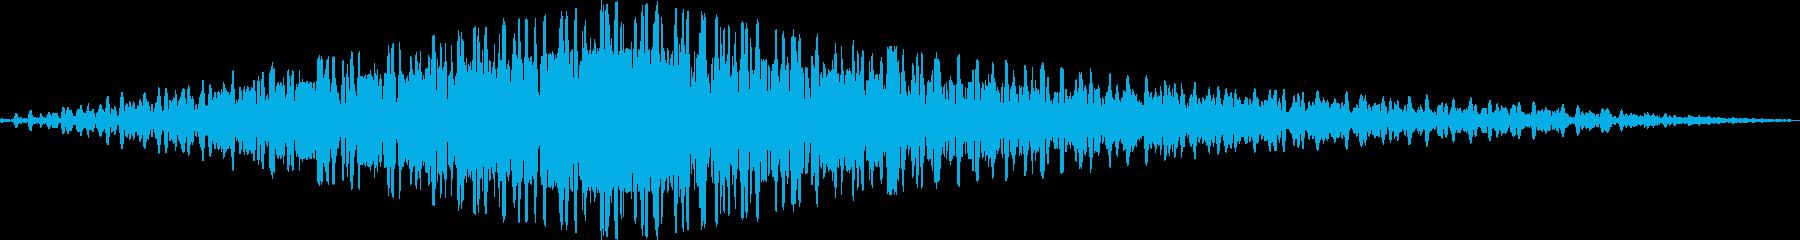 シンセの回転音の再生済みの波形